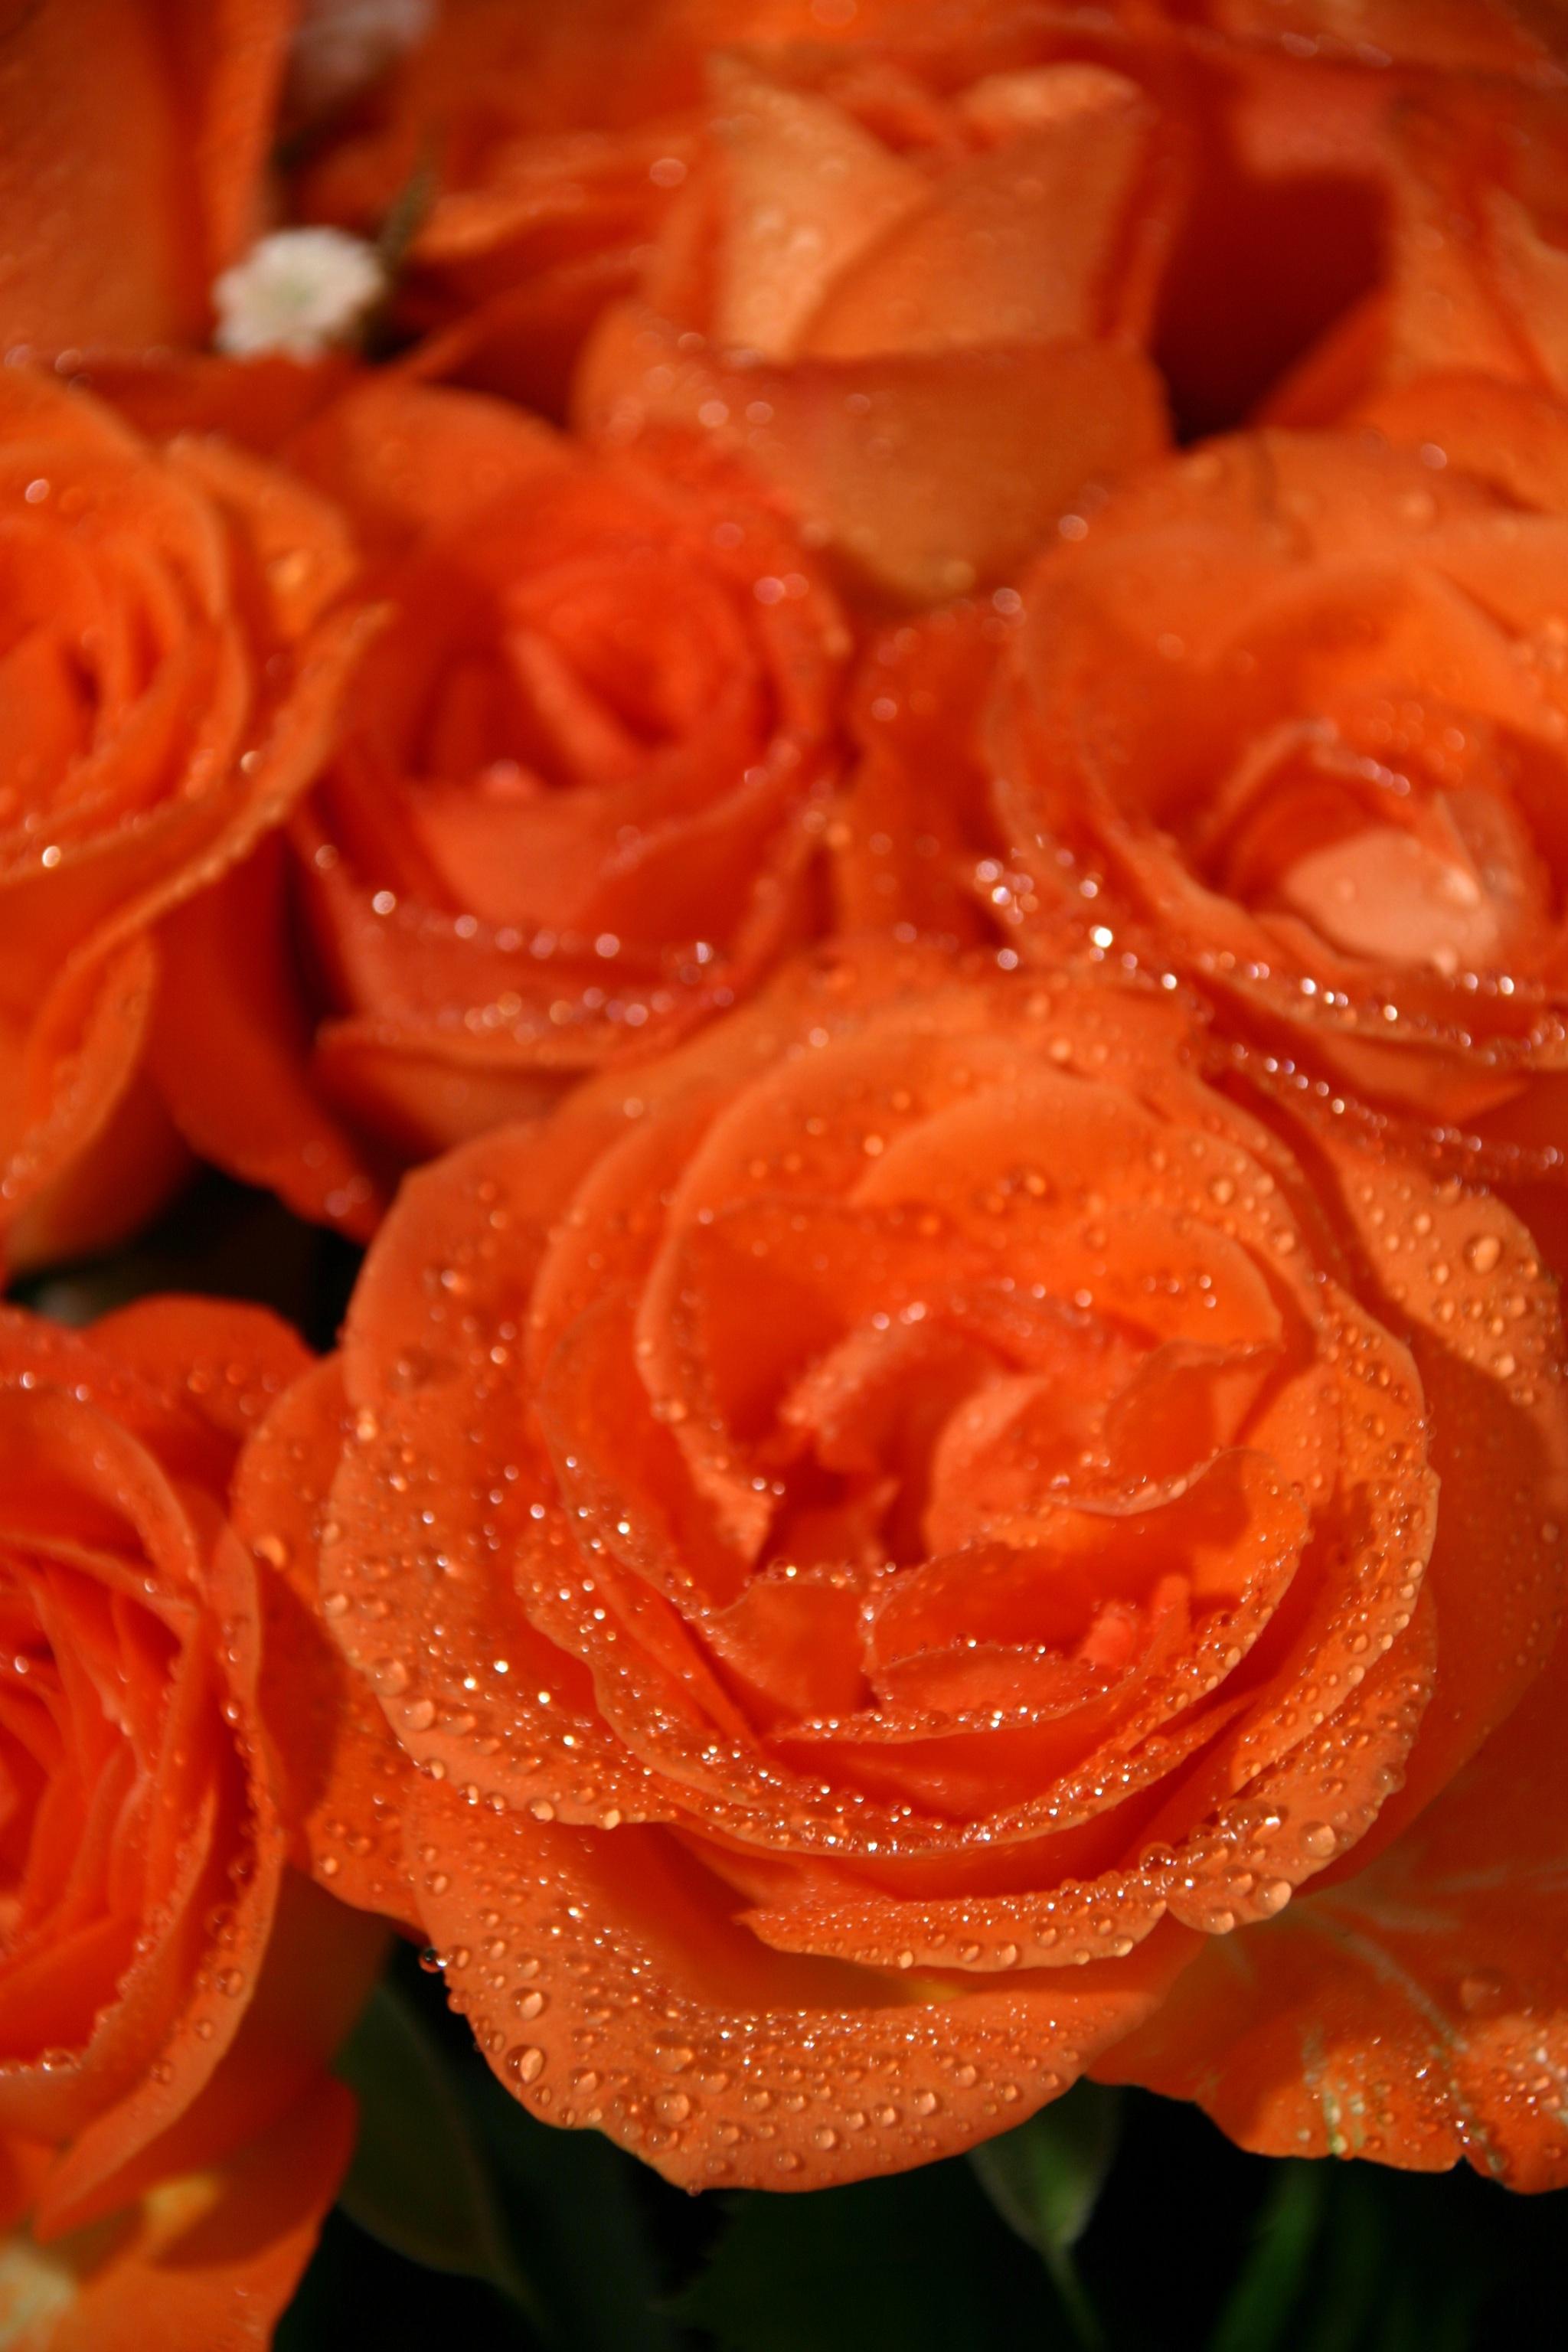 пришло розово оранжевые розы картинка днях поступило сообщение